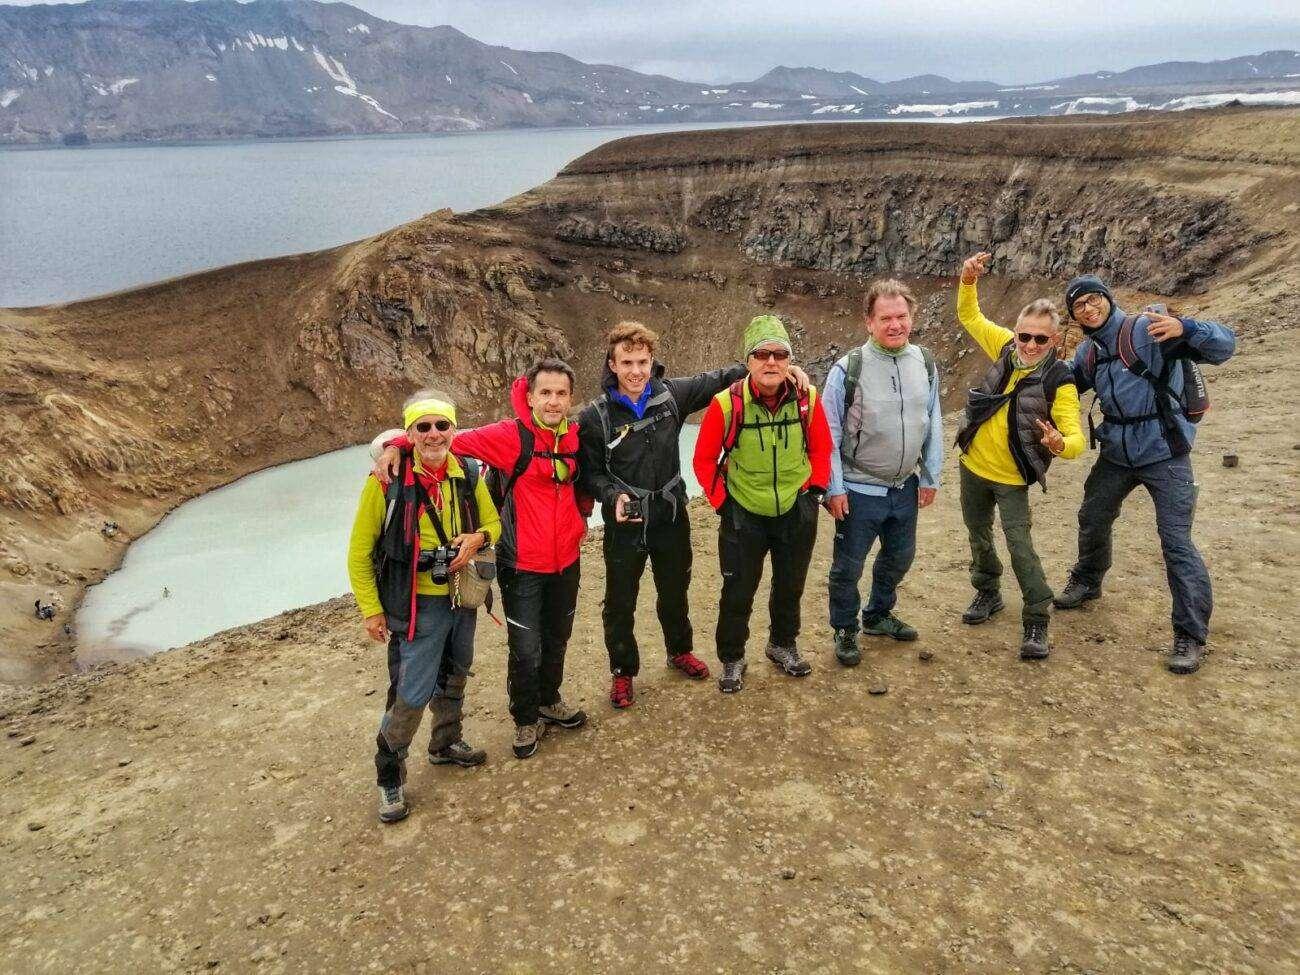 Gruppo Islanda 2020 scaled Ci siamo e ci divertiamo